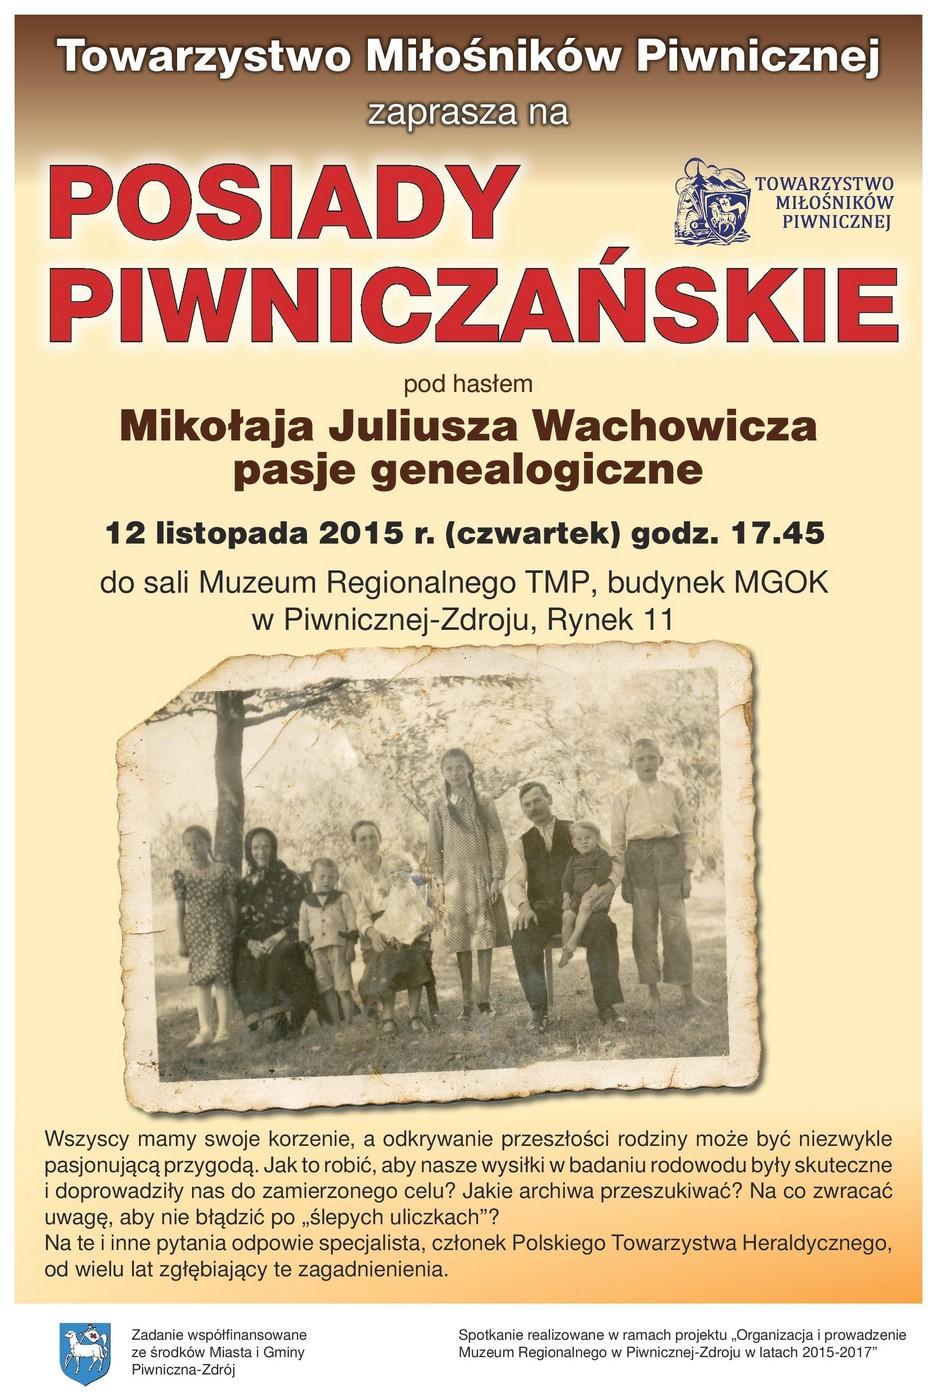 Posiady Piwniczan_skie 2015